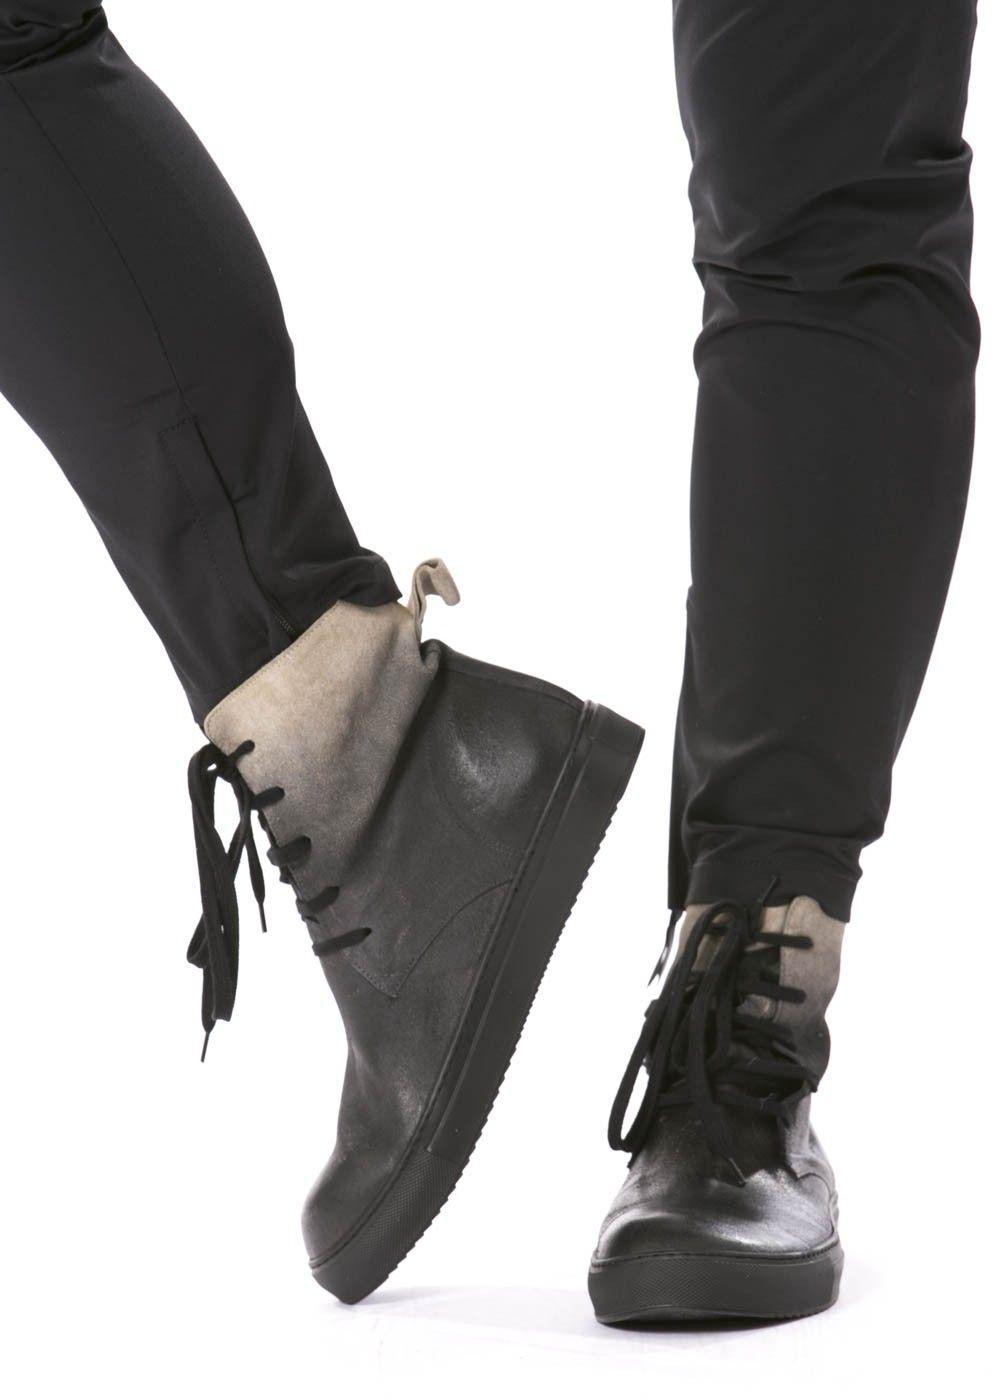 86ca2aa10cb483 Schuh von RUNDHOLZ Black Label - dagmarfischermode.de Fashion Online Shop